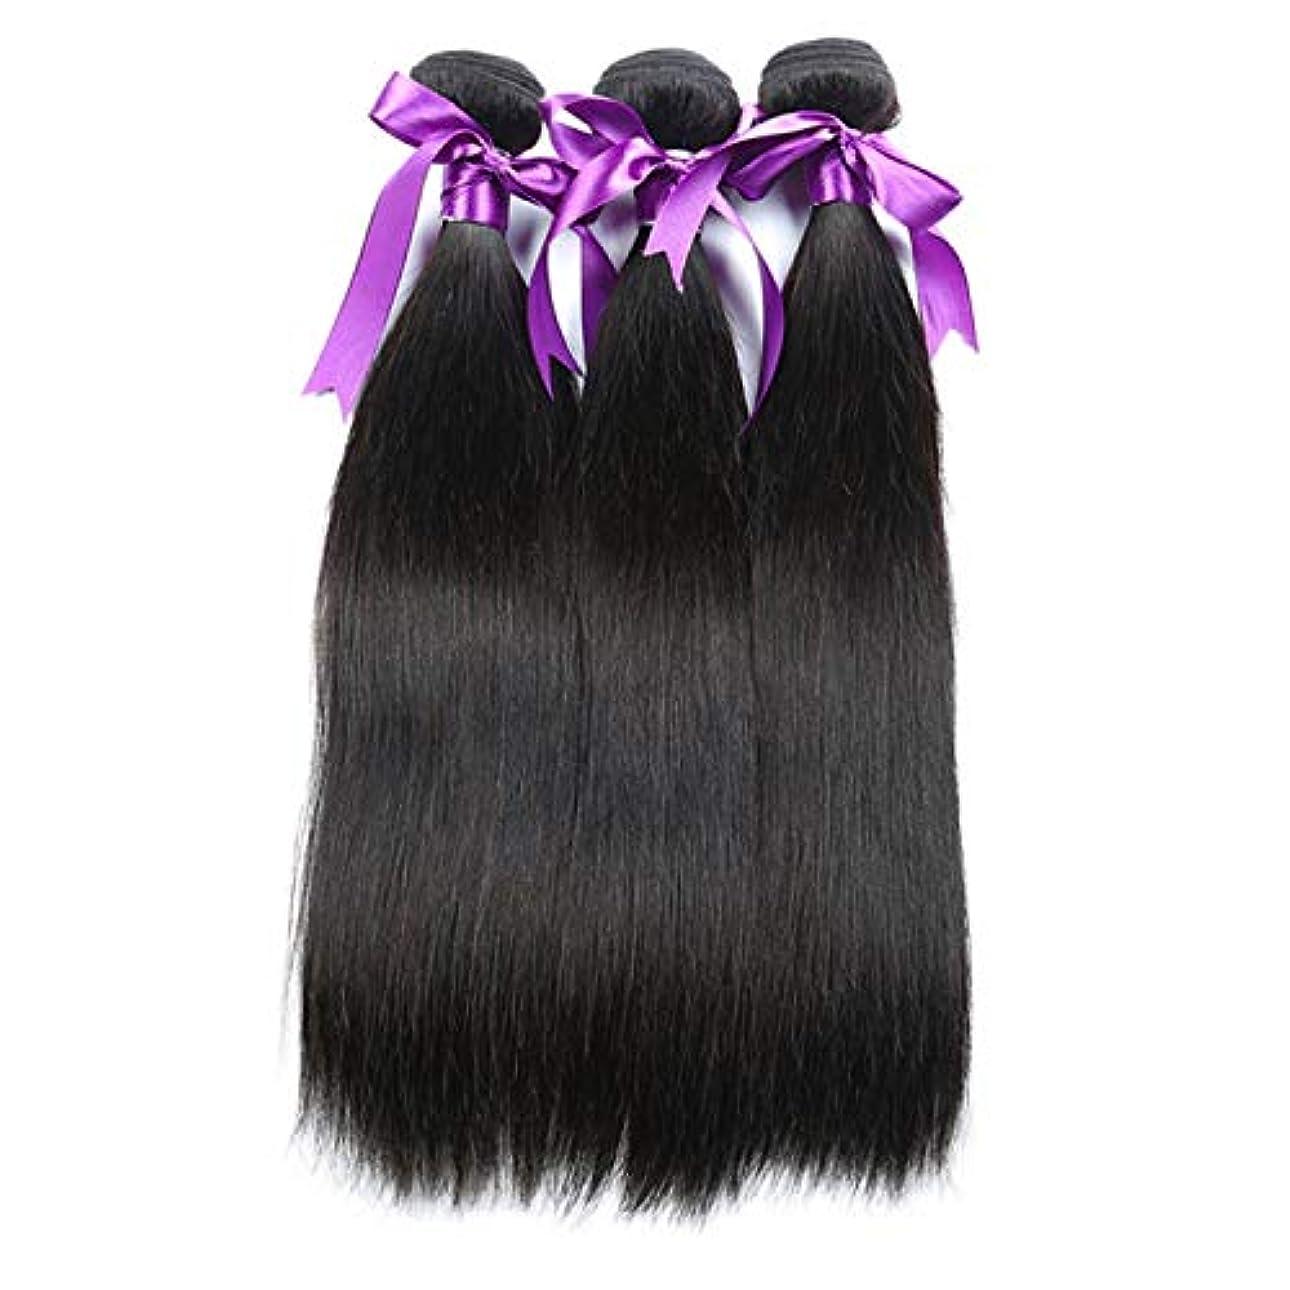 ブラジルストレートヘアバンドル8-28インチ100%人毛織りレミー髪ナチュラルカラー3ピースボディヘアバンドル (Stretched Length : 10 12 12)